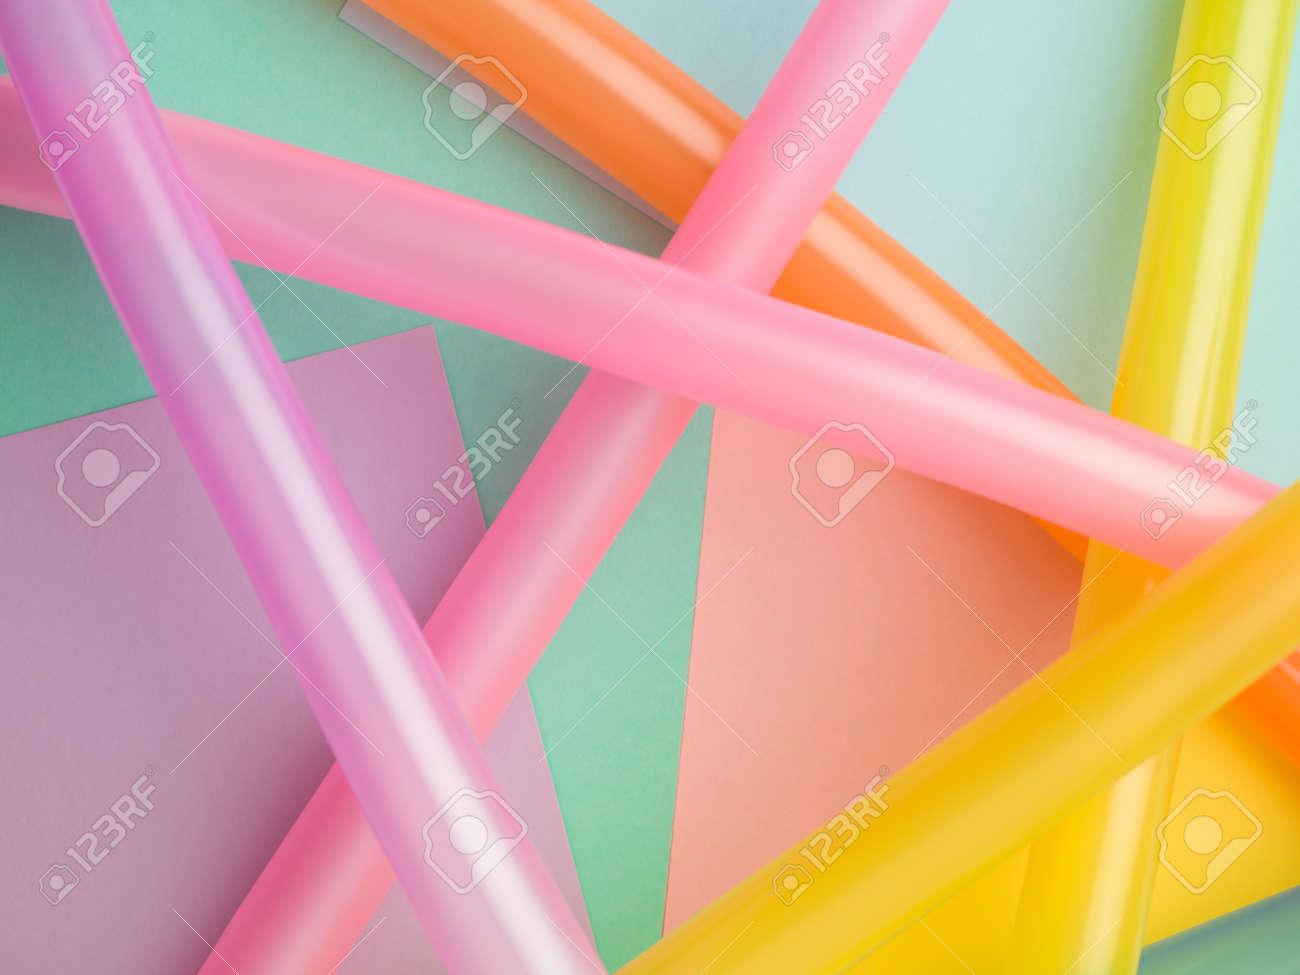 Composicion Del Extracto Colorido De Los Globos Largos En Las Formas - Formas-con-globos-largos